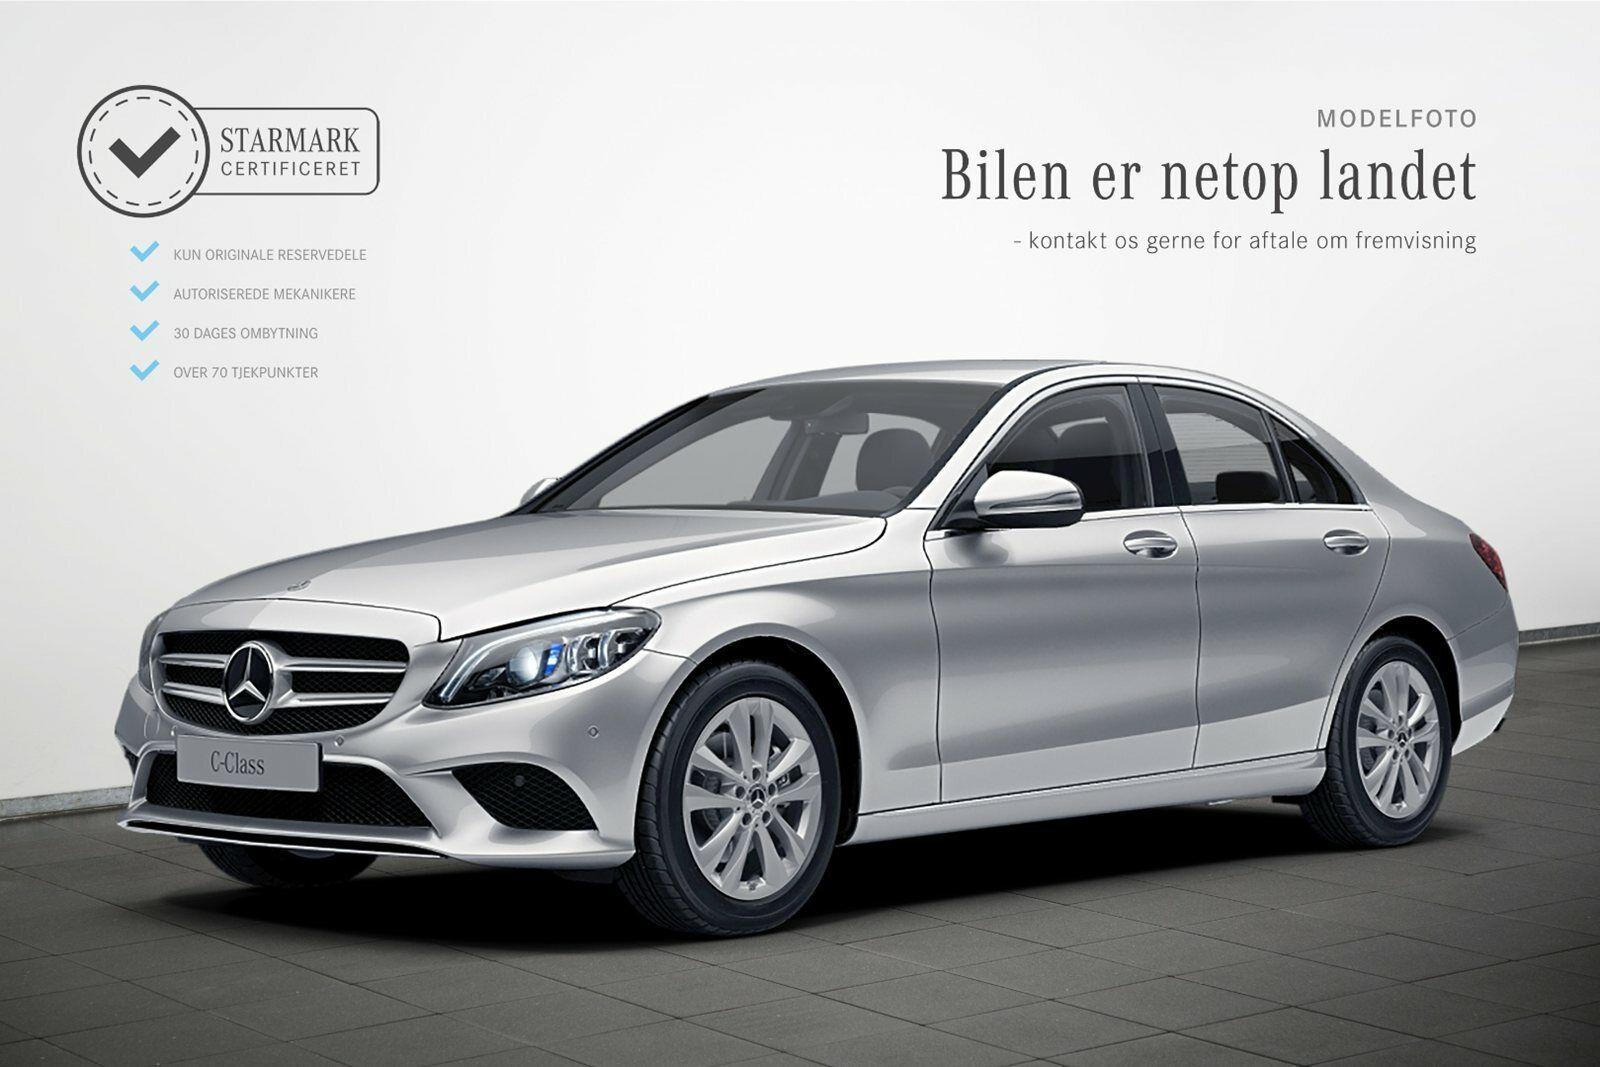 Mercedes C220 d 2,0 Avantgarde aut. 4d - 474.900 kr.